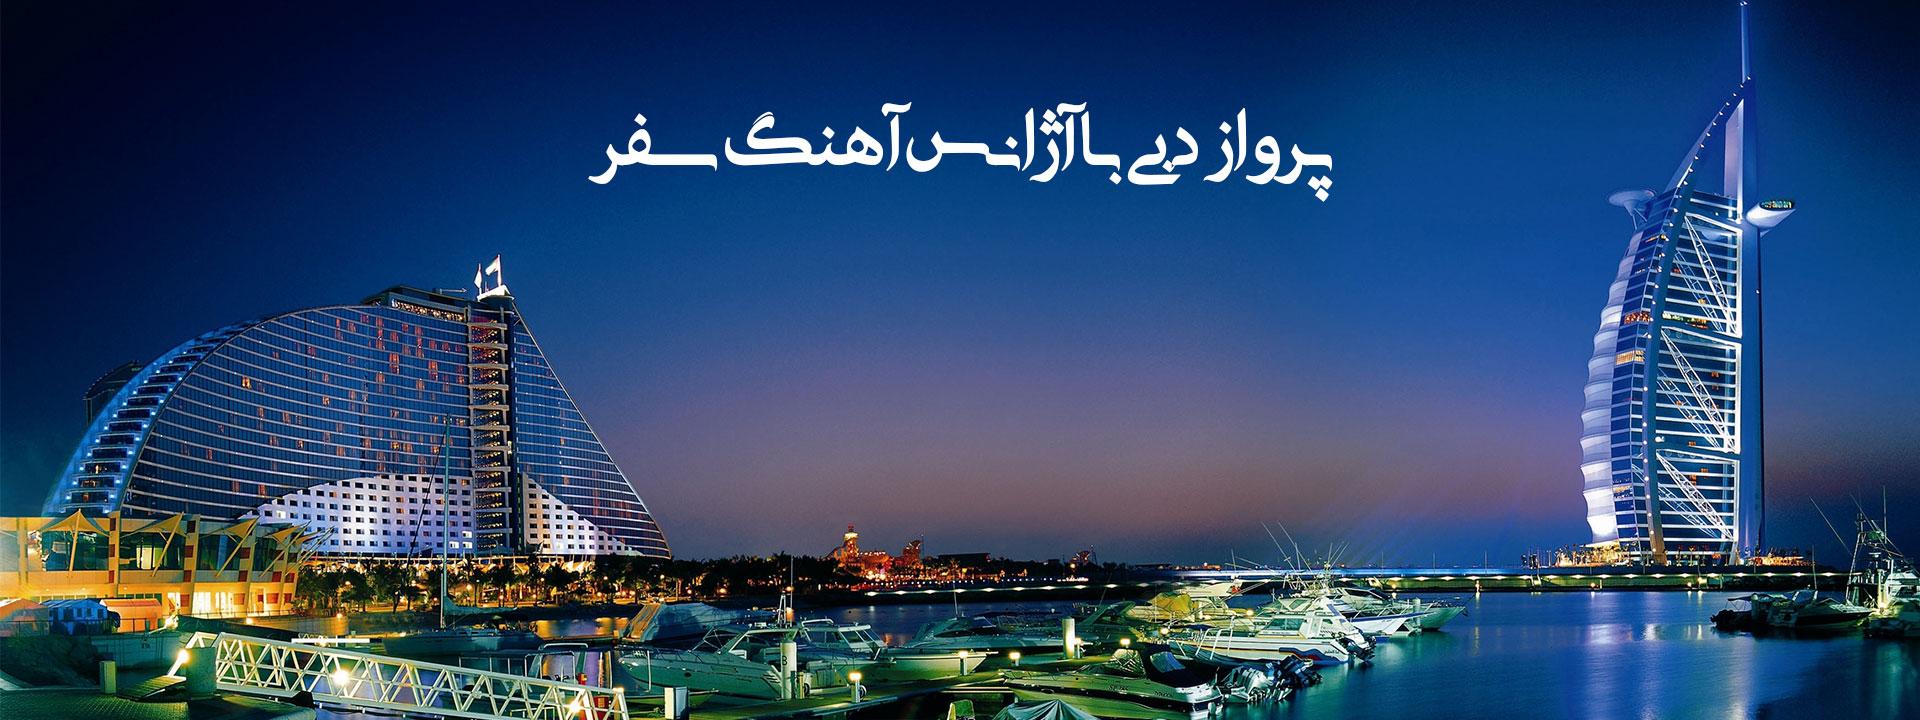 پرواز مشهد دبی